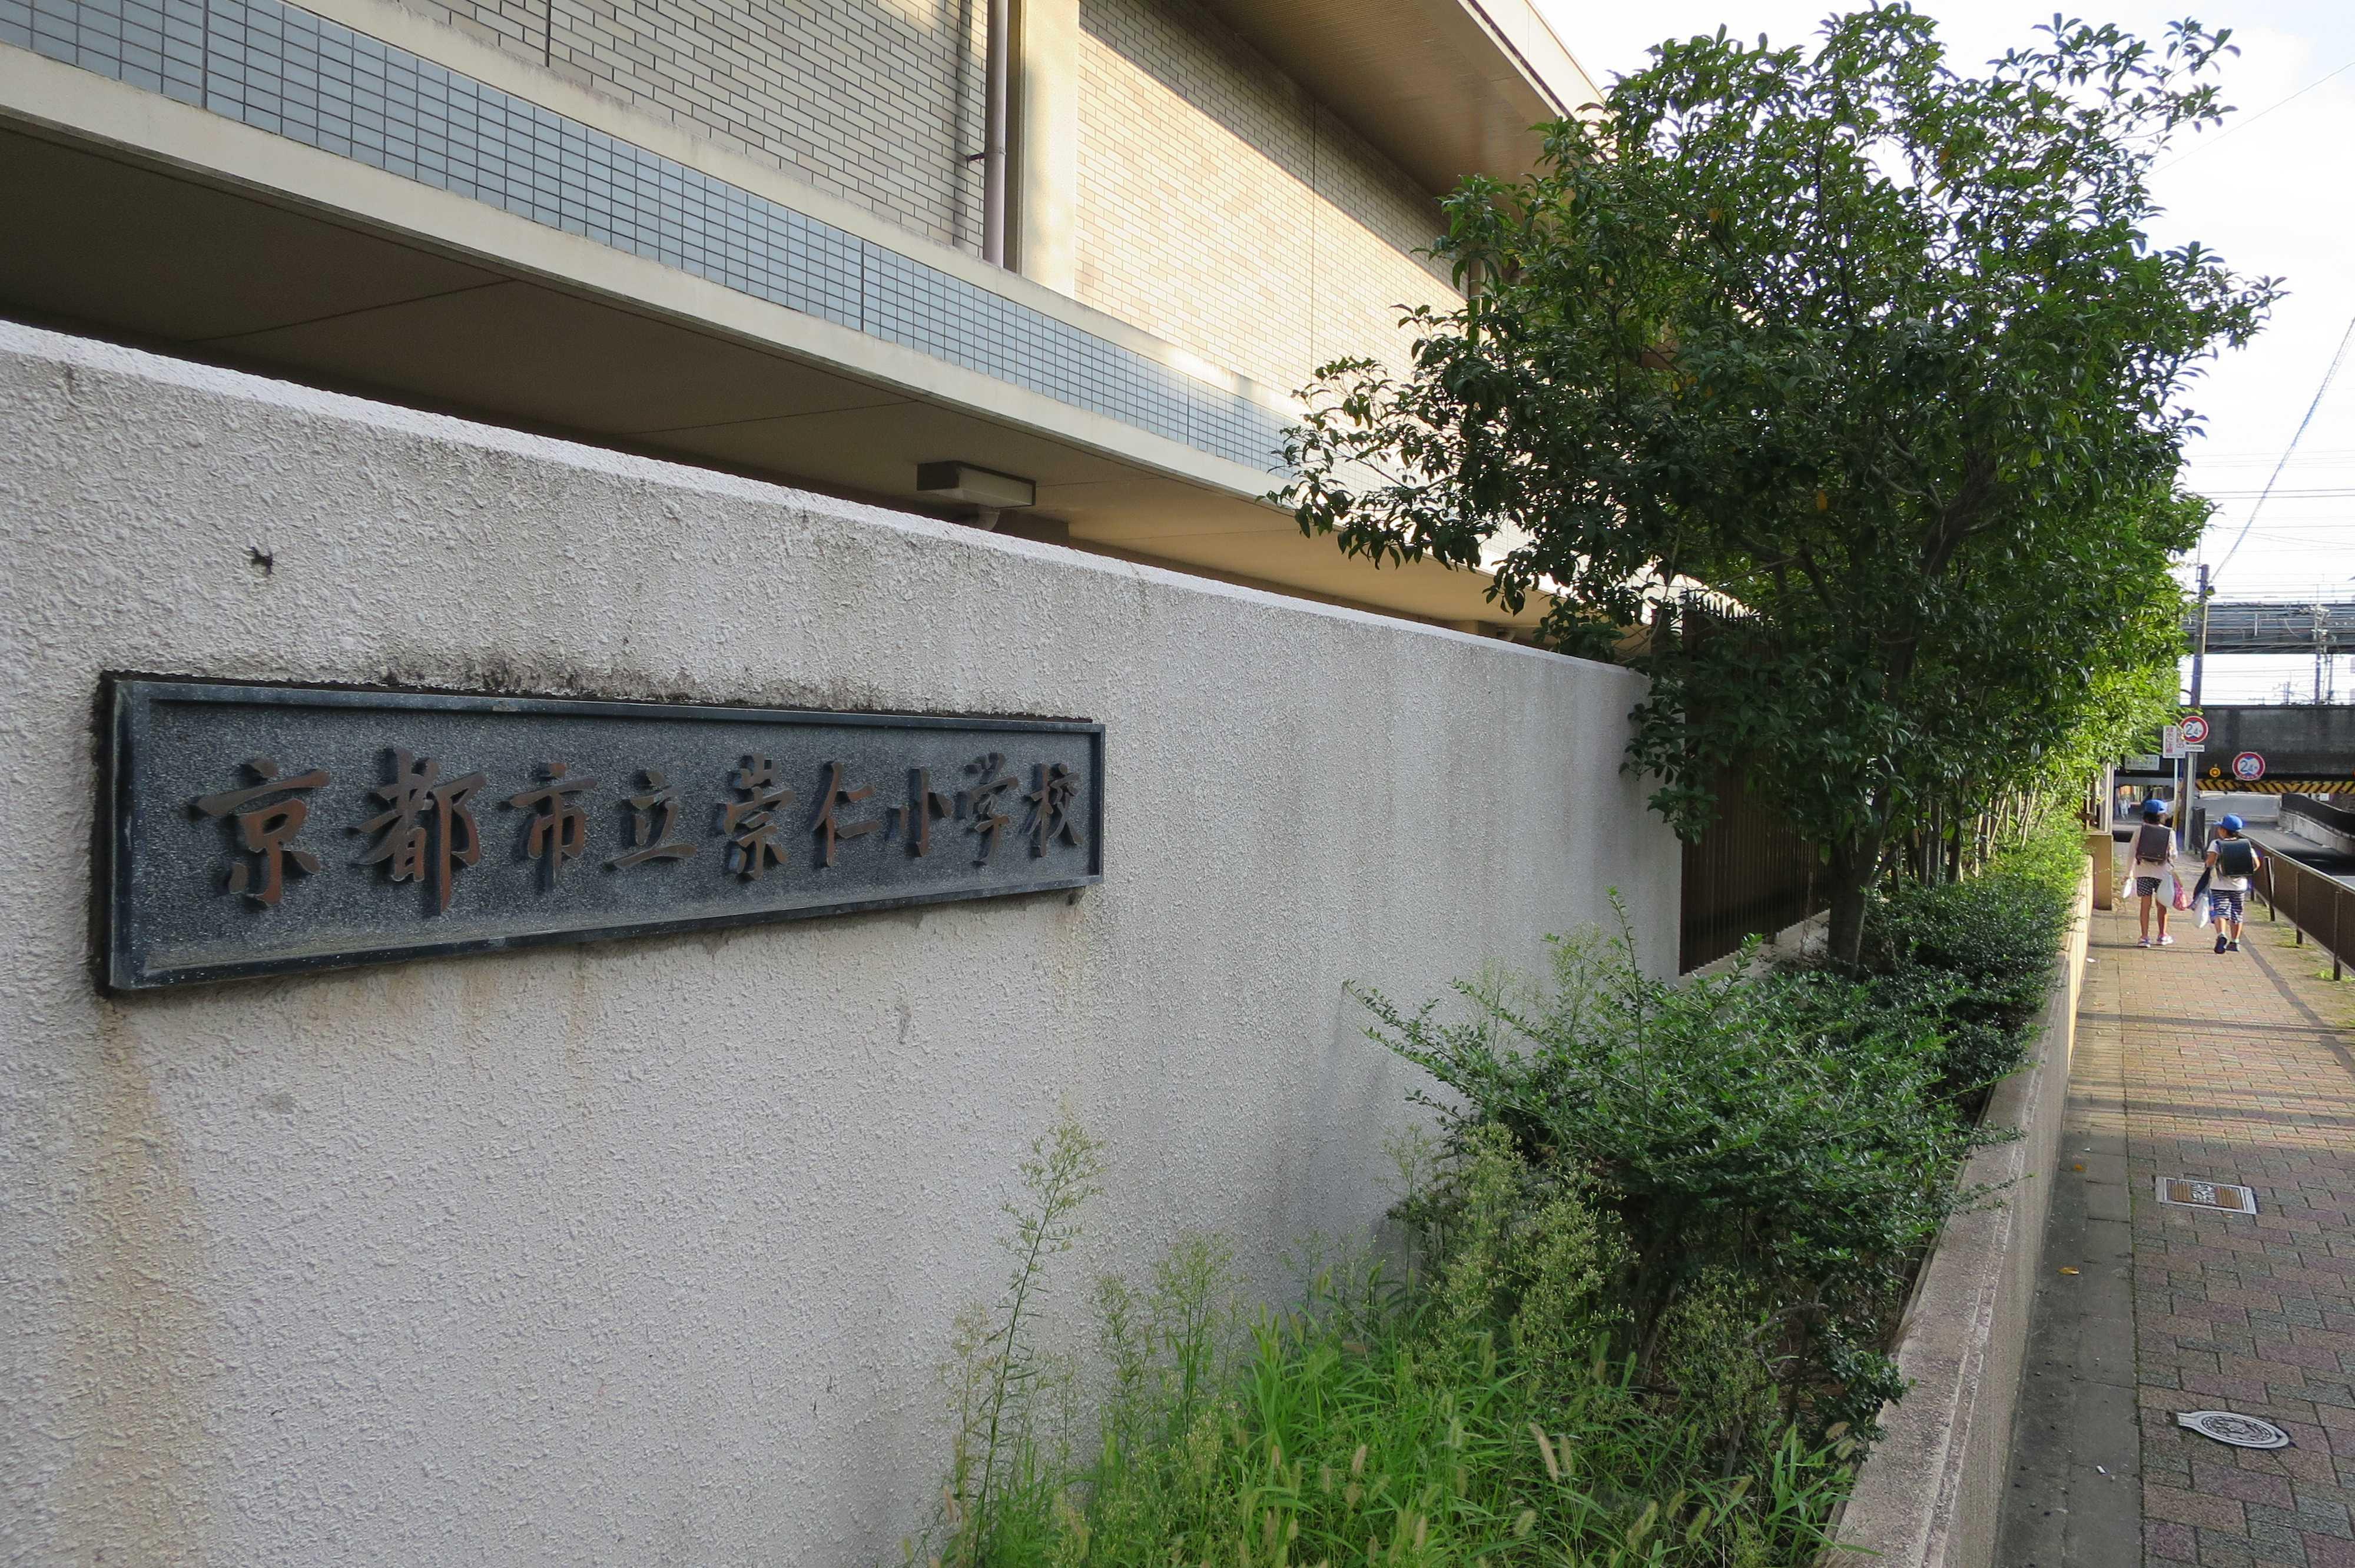 京都・崇仁地区 - 京都市立崇仁小学校 跡地